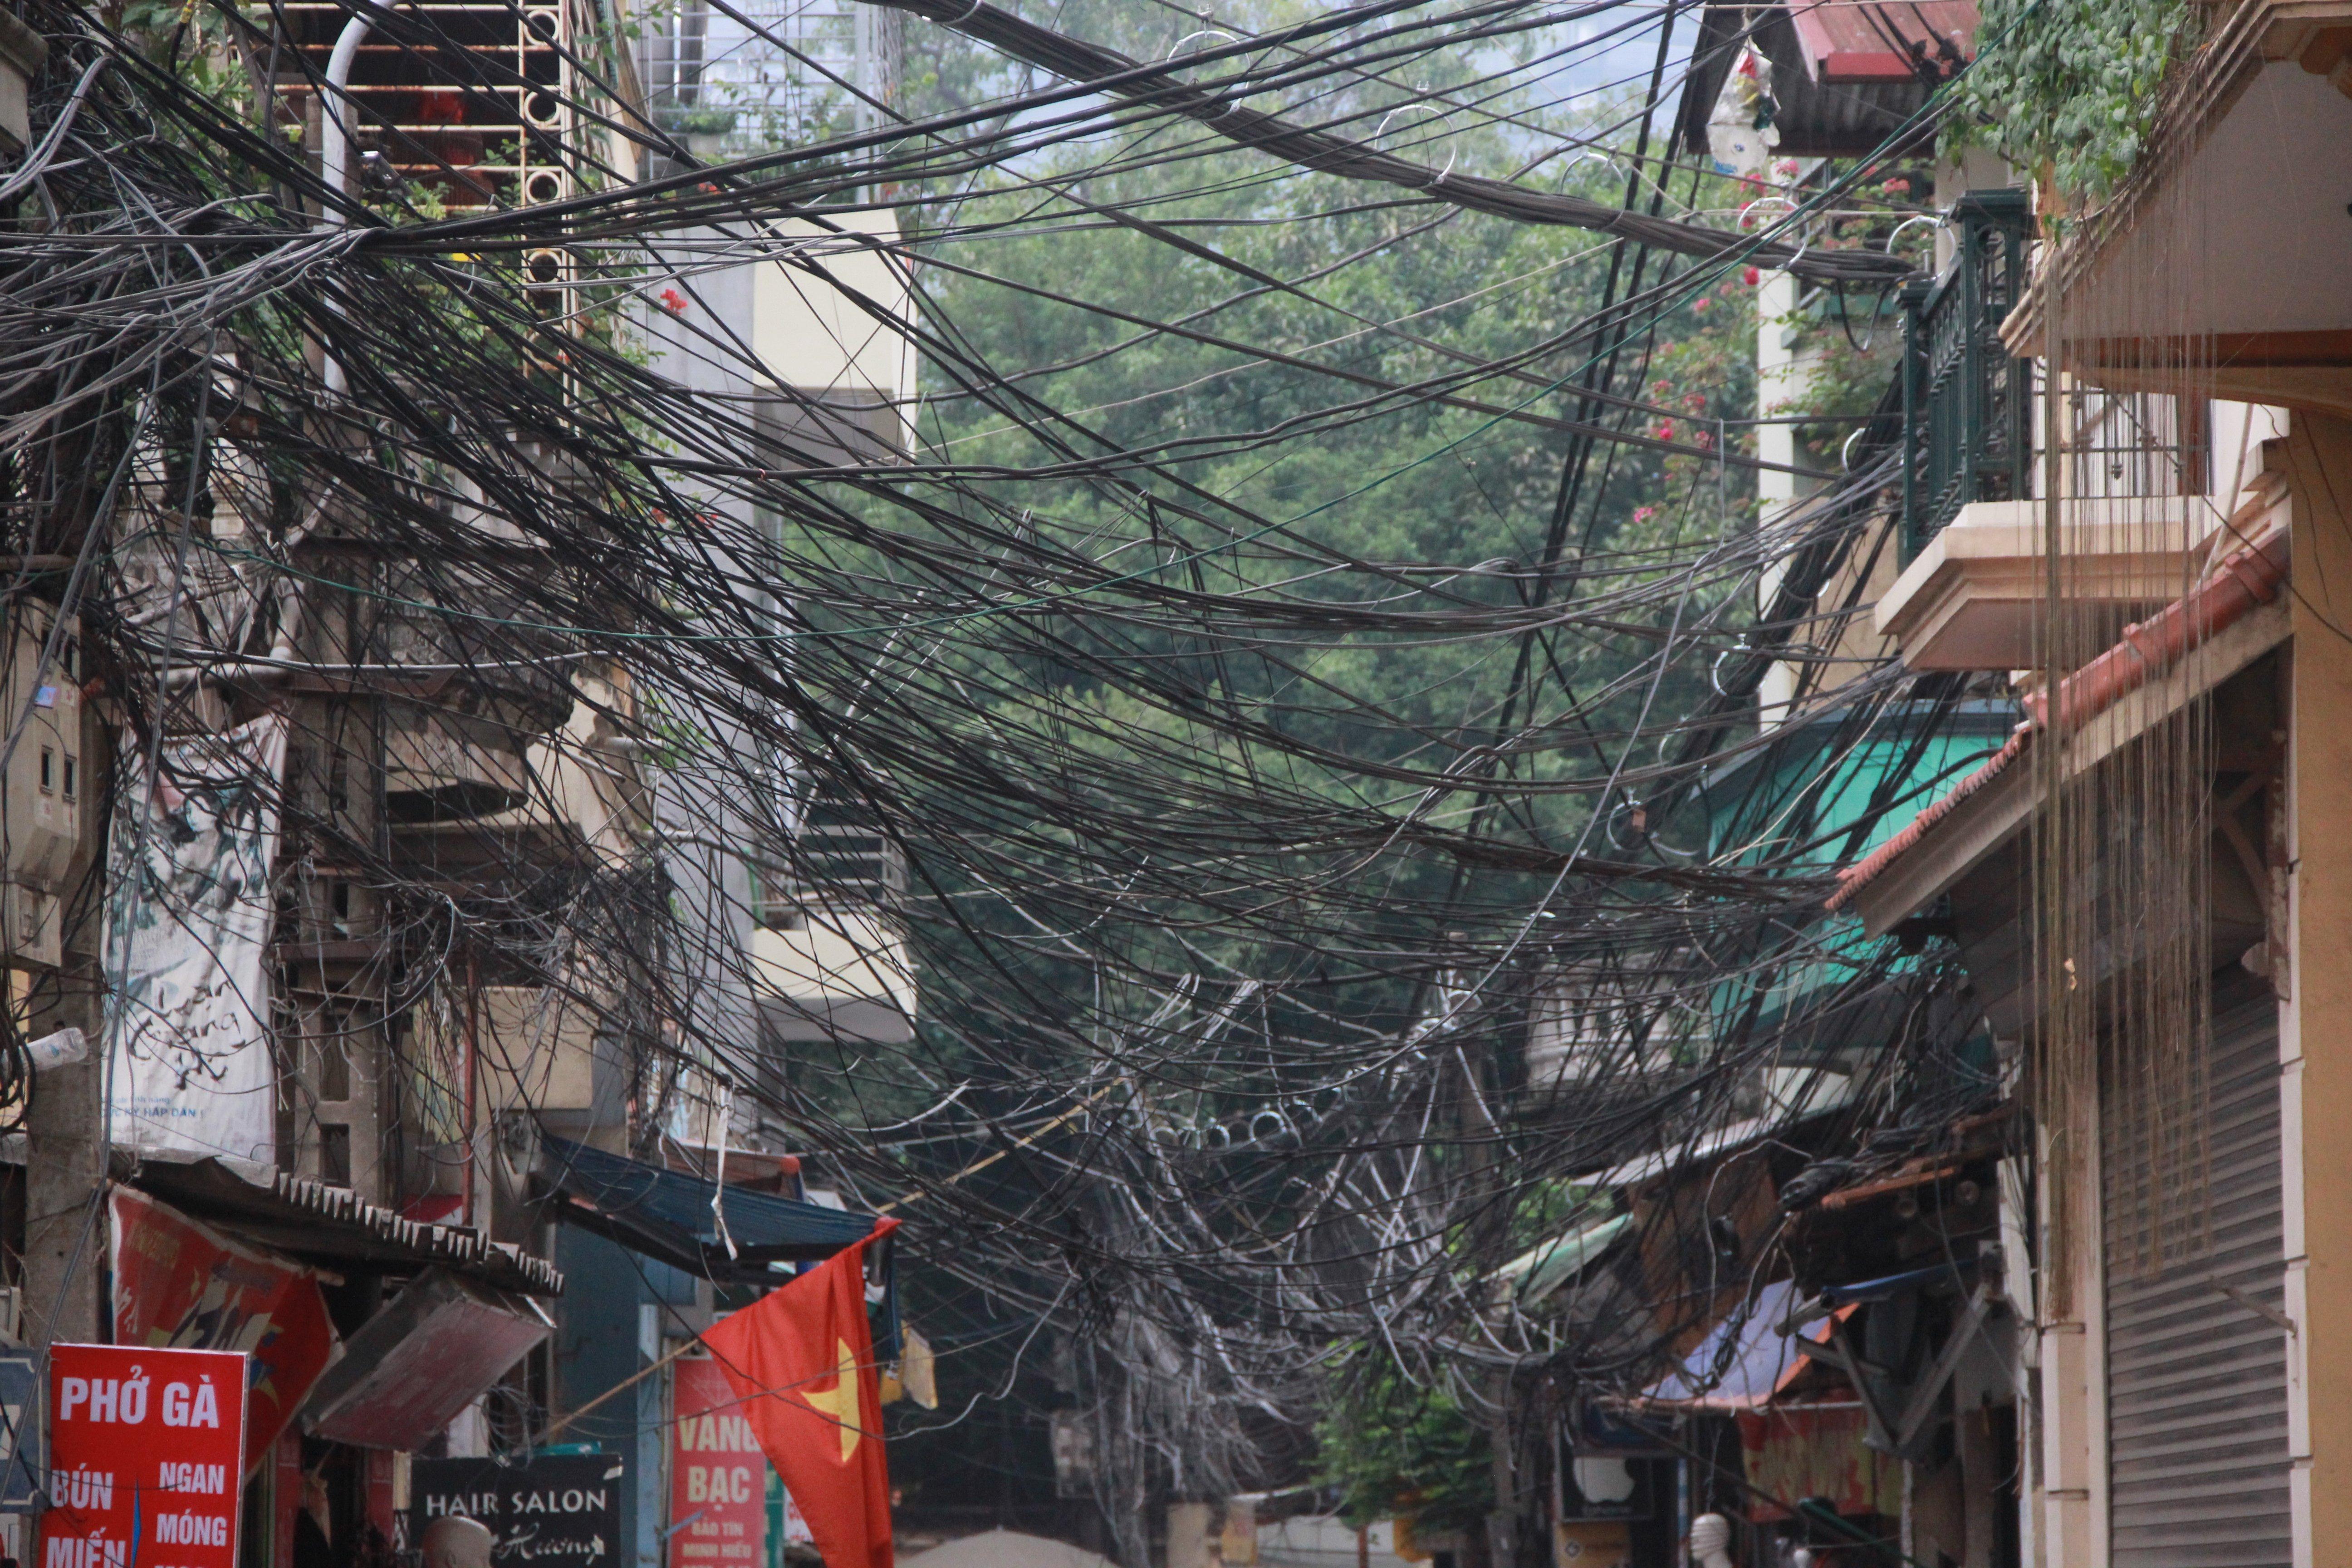 Hình ảnh Cận cảnh dọn ổ mạng nhện khổng lồ ở Hà Nội số 13